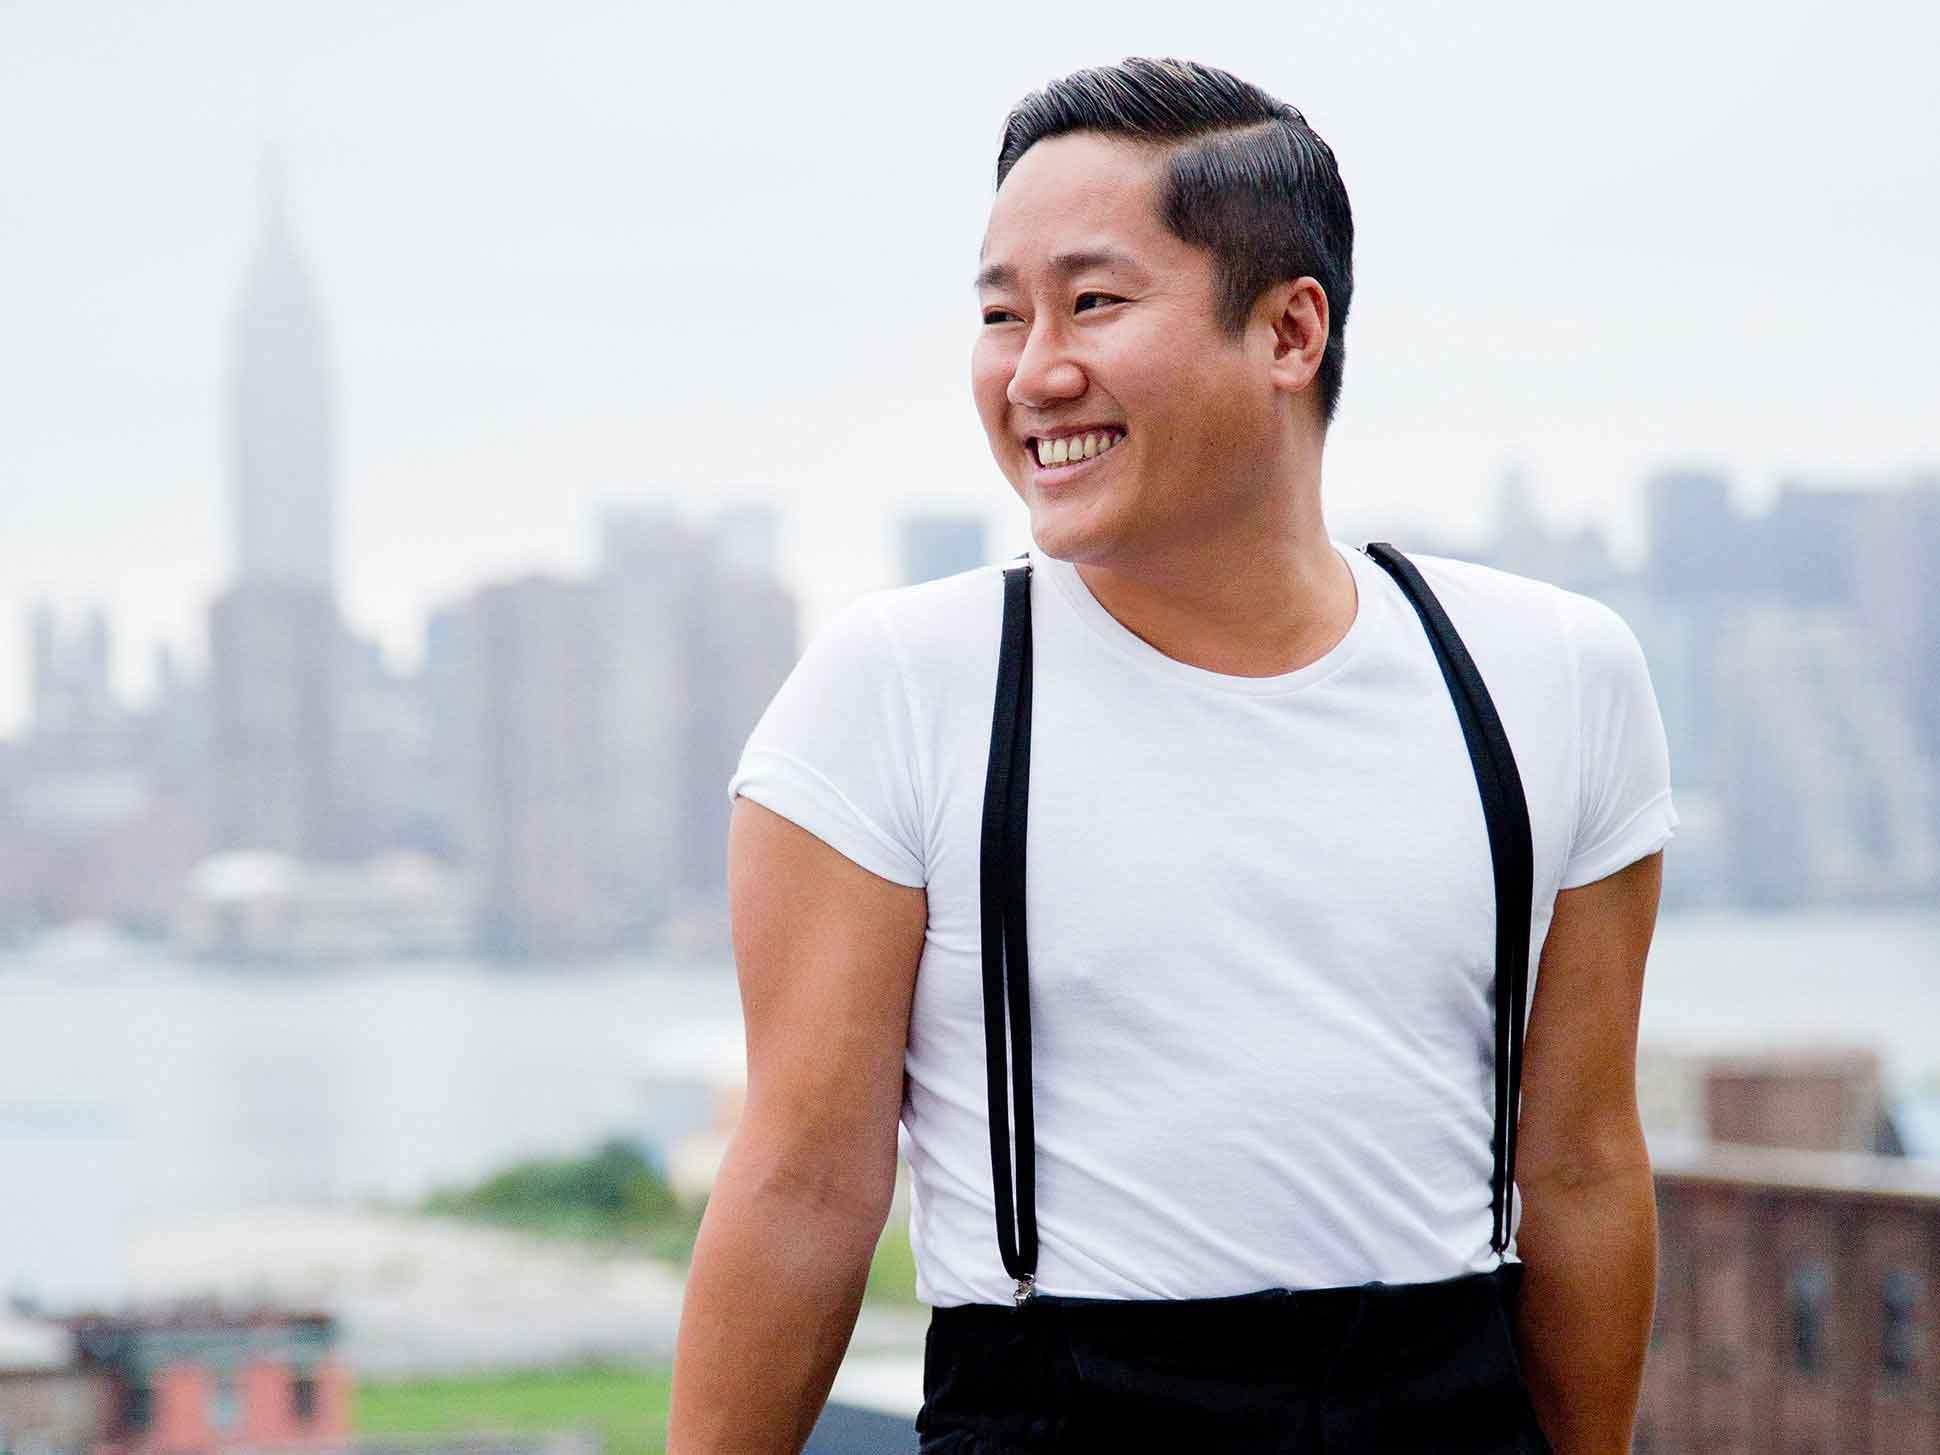 Uwern Jong, New York, USA